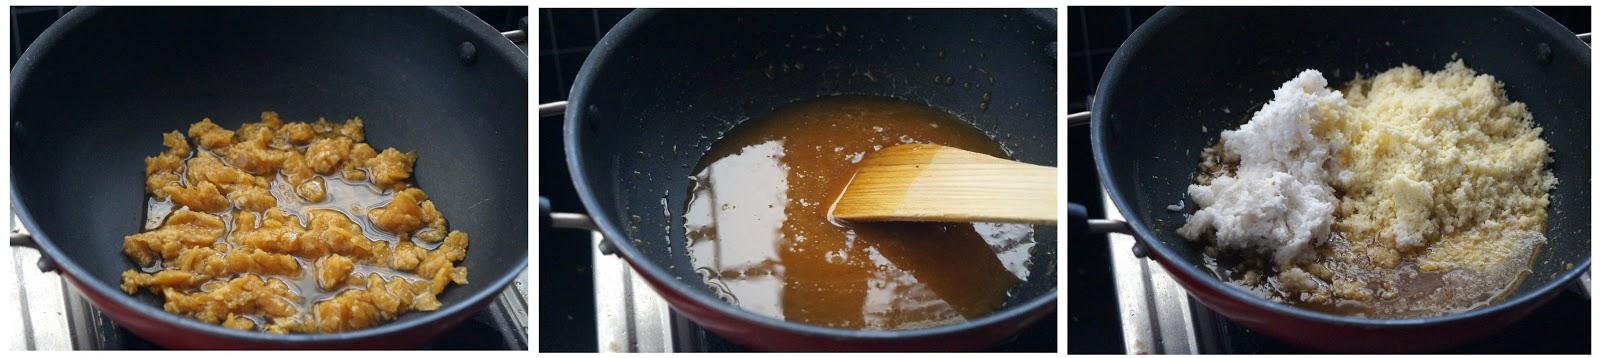 making of khoya coconut jaggery laddu recipe